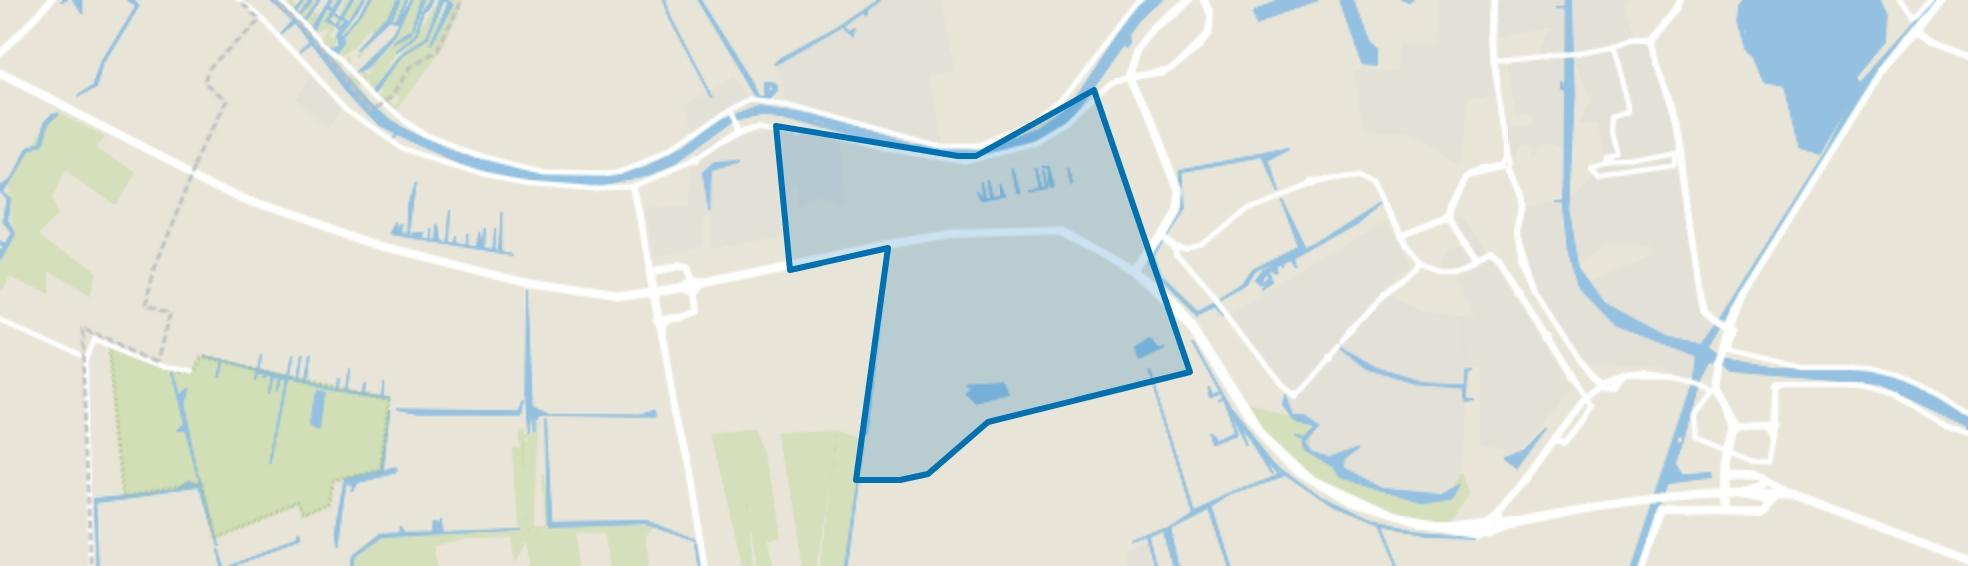 Buitengebied Hazerswoude-Rijndijk, Hazerswoude-Rijndijk map